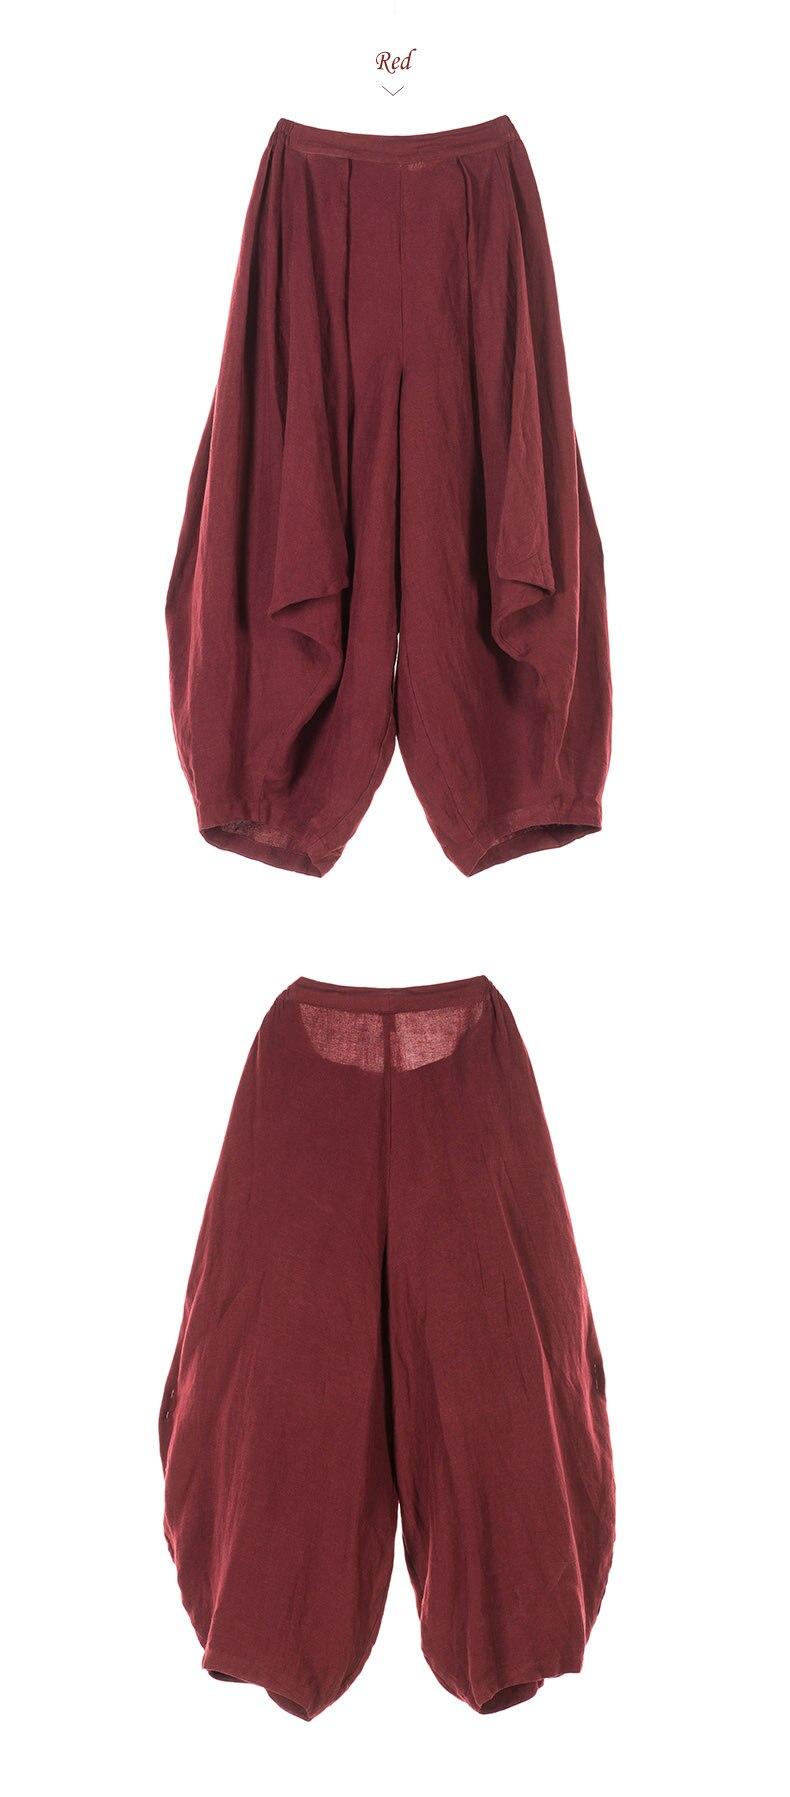 762c318dfb Jiqiuguer kobiety Harem spodnie szerokie spodnie nogi spodnie lniane wiosna  2019 spodnie luźne rocznika dorywczo spodnie dla kobiet duży rozmiar  G143K001